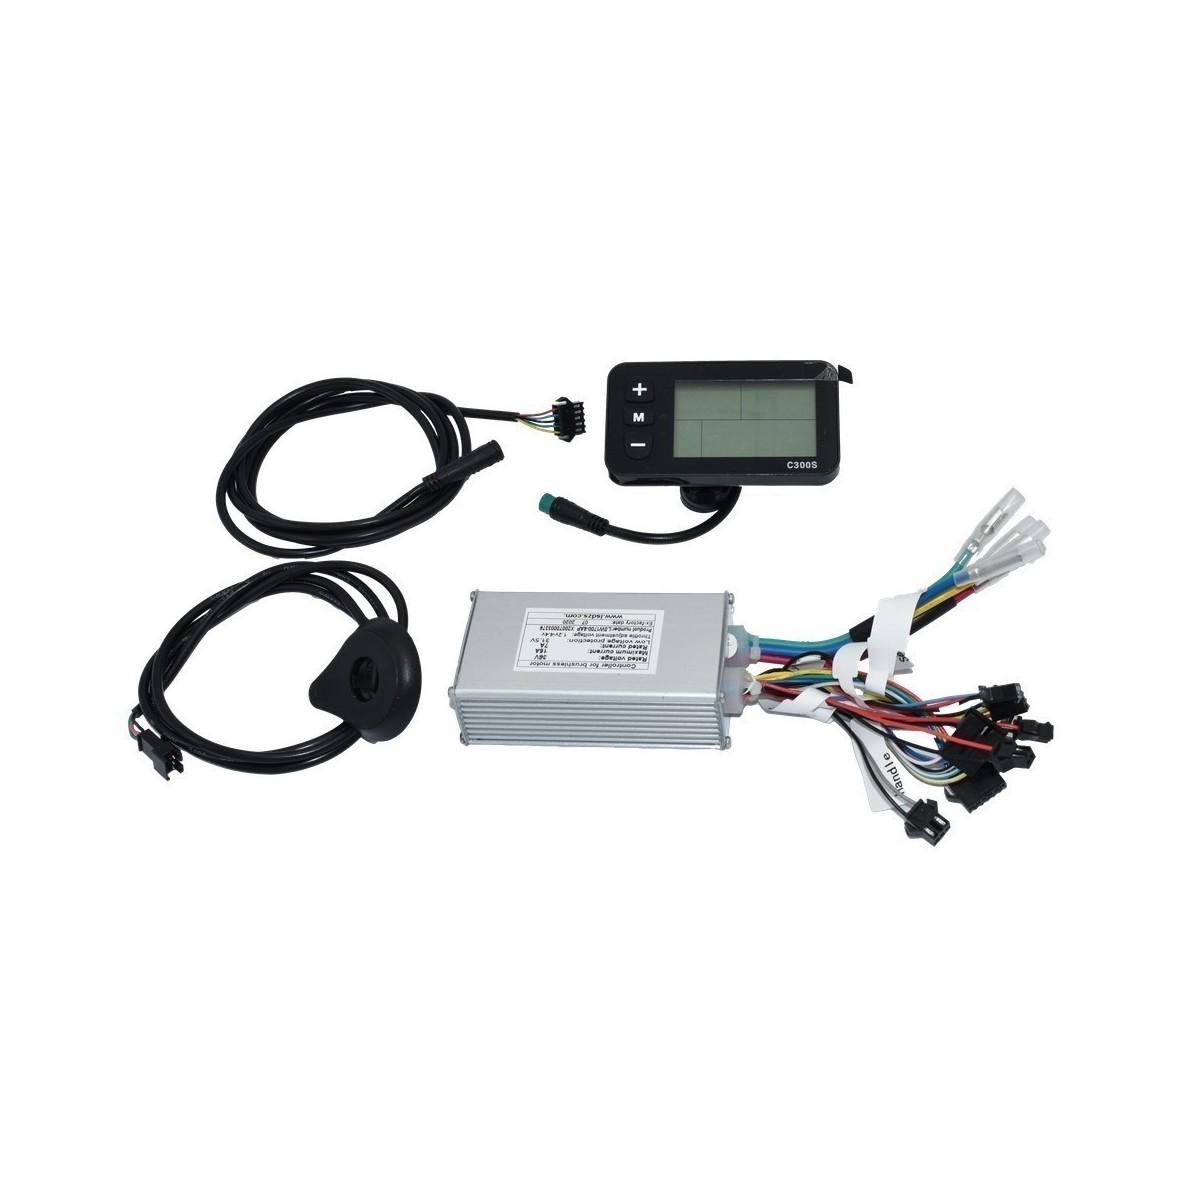 Conjunto Controladora ,cable alimentación , display ,sensor para bicicleta